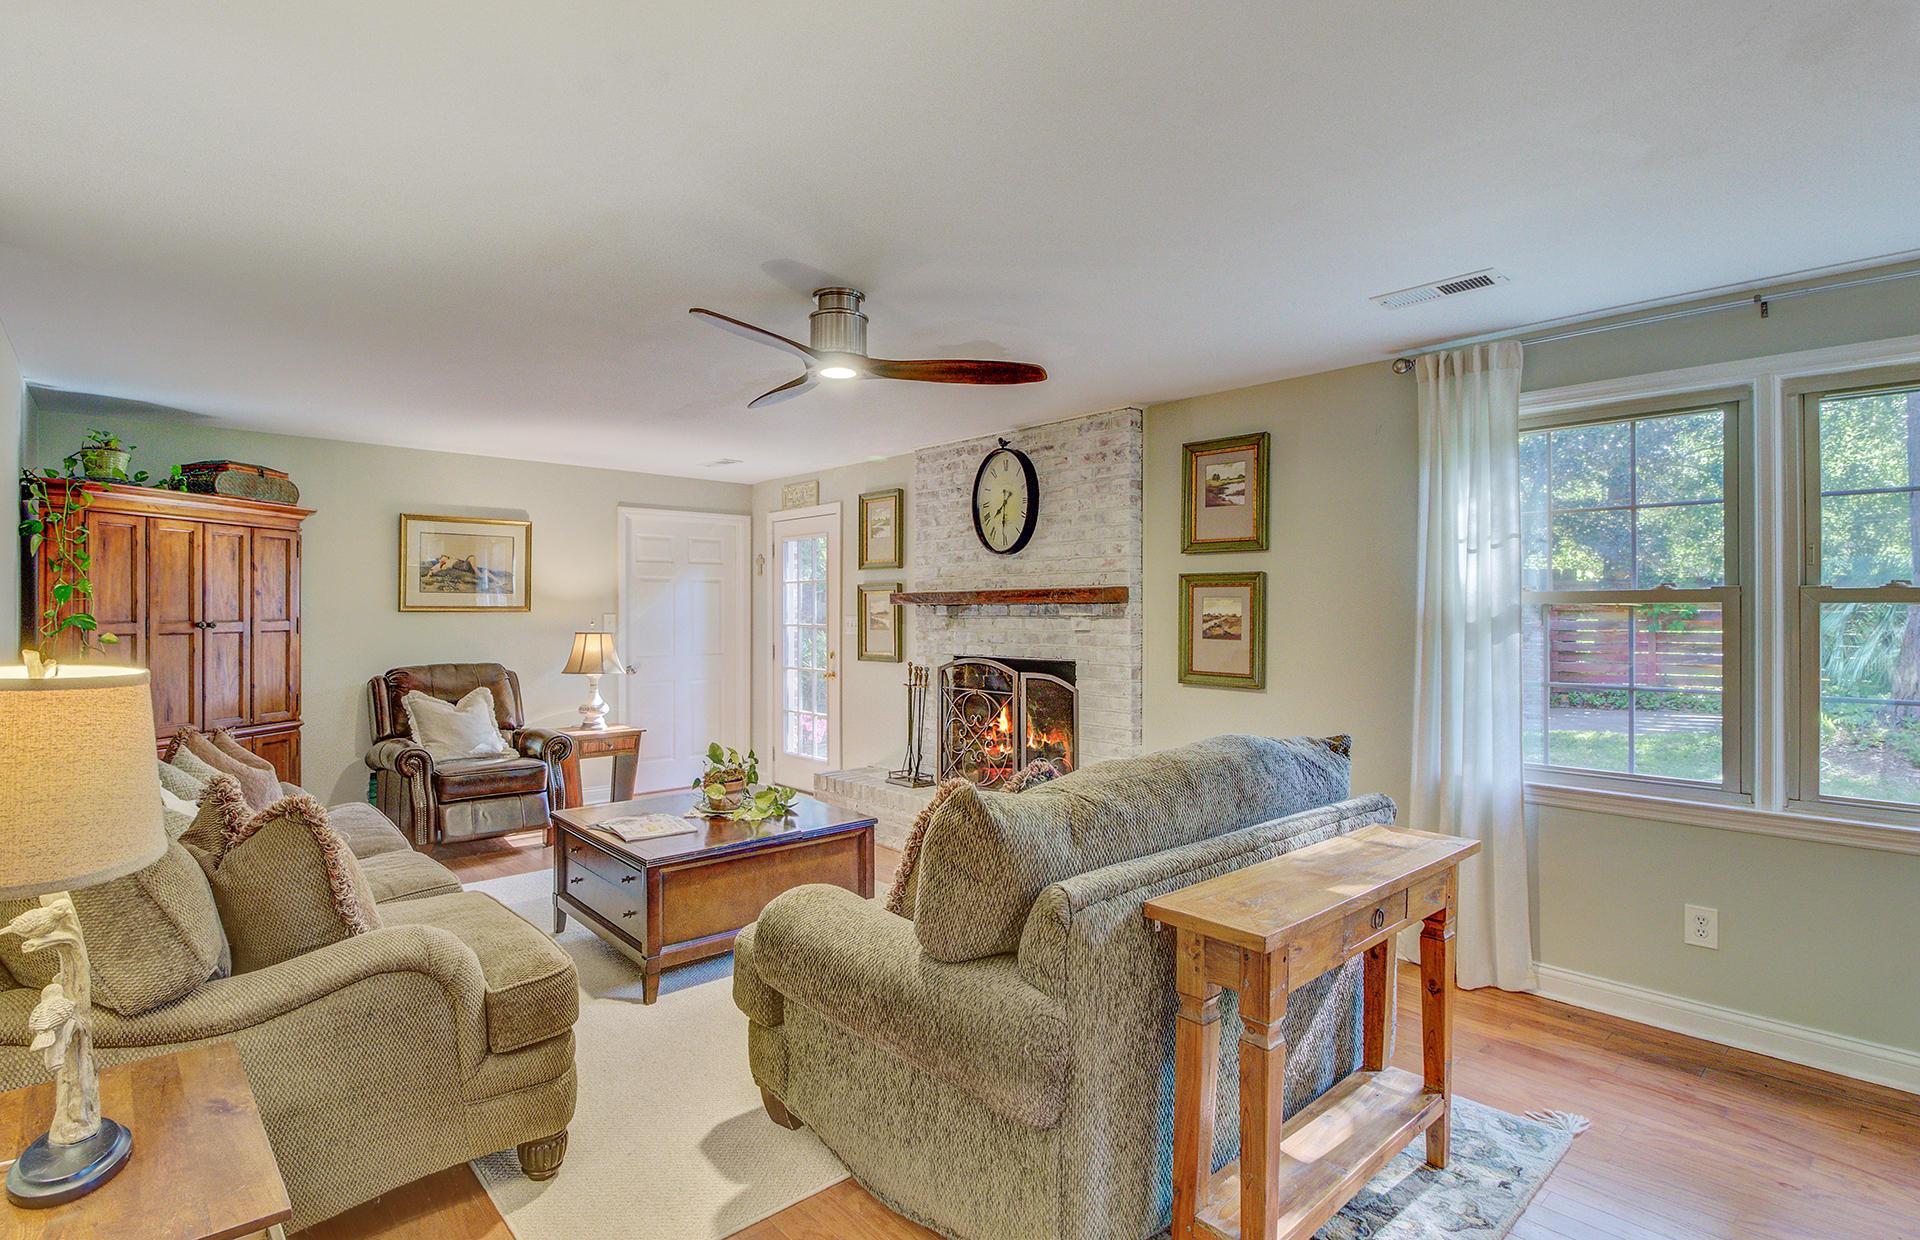 Pine Forest Inn Homes For Sale - 543 Simmons, Summerville, SC - 53